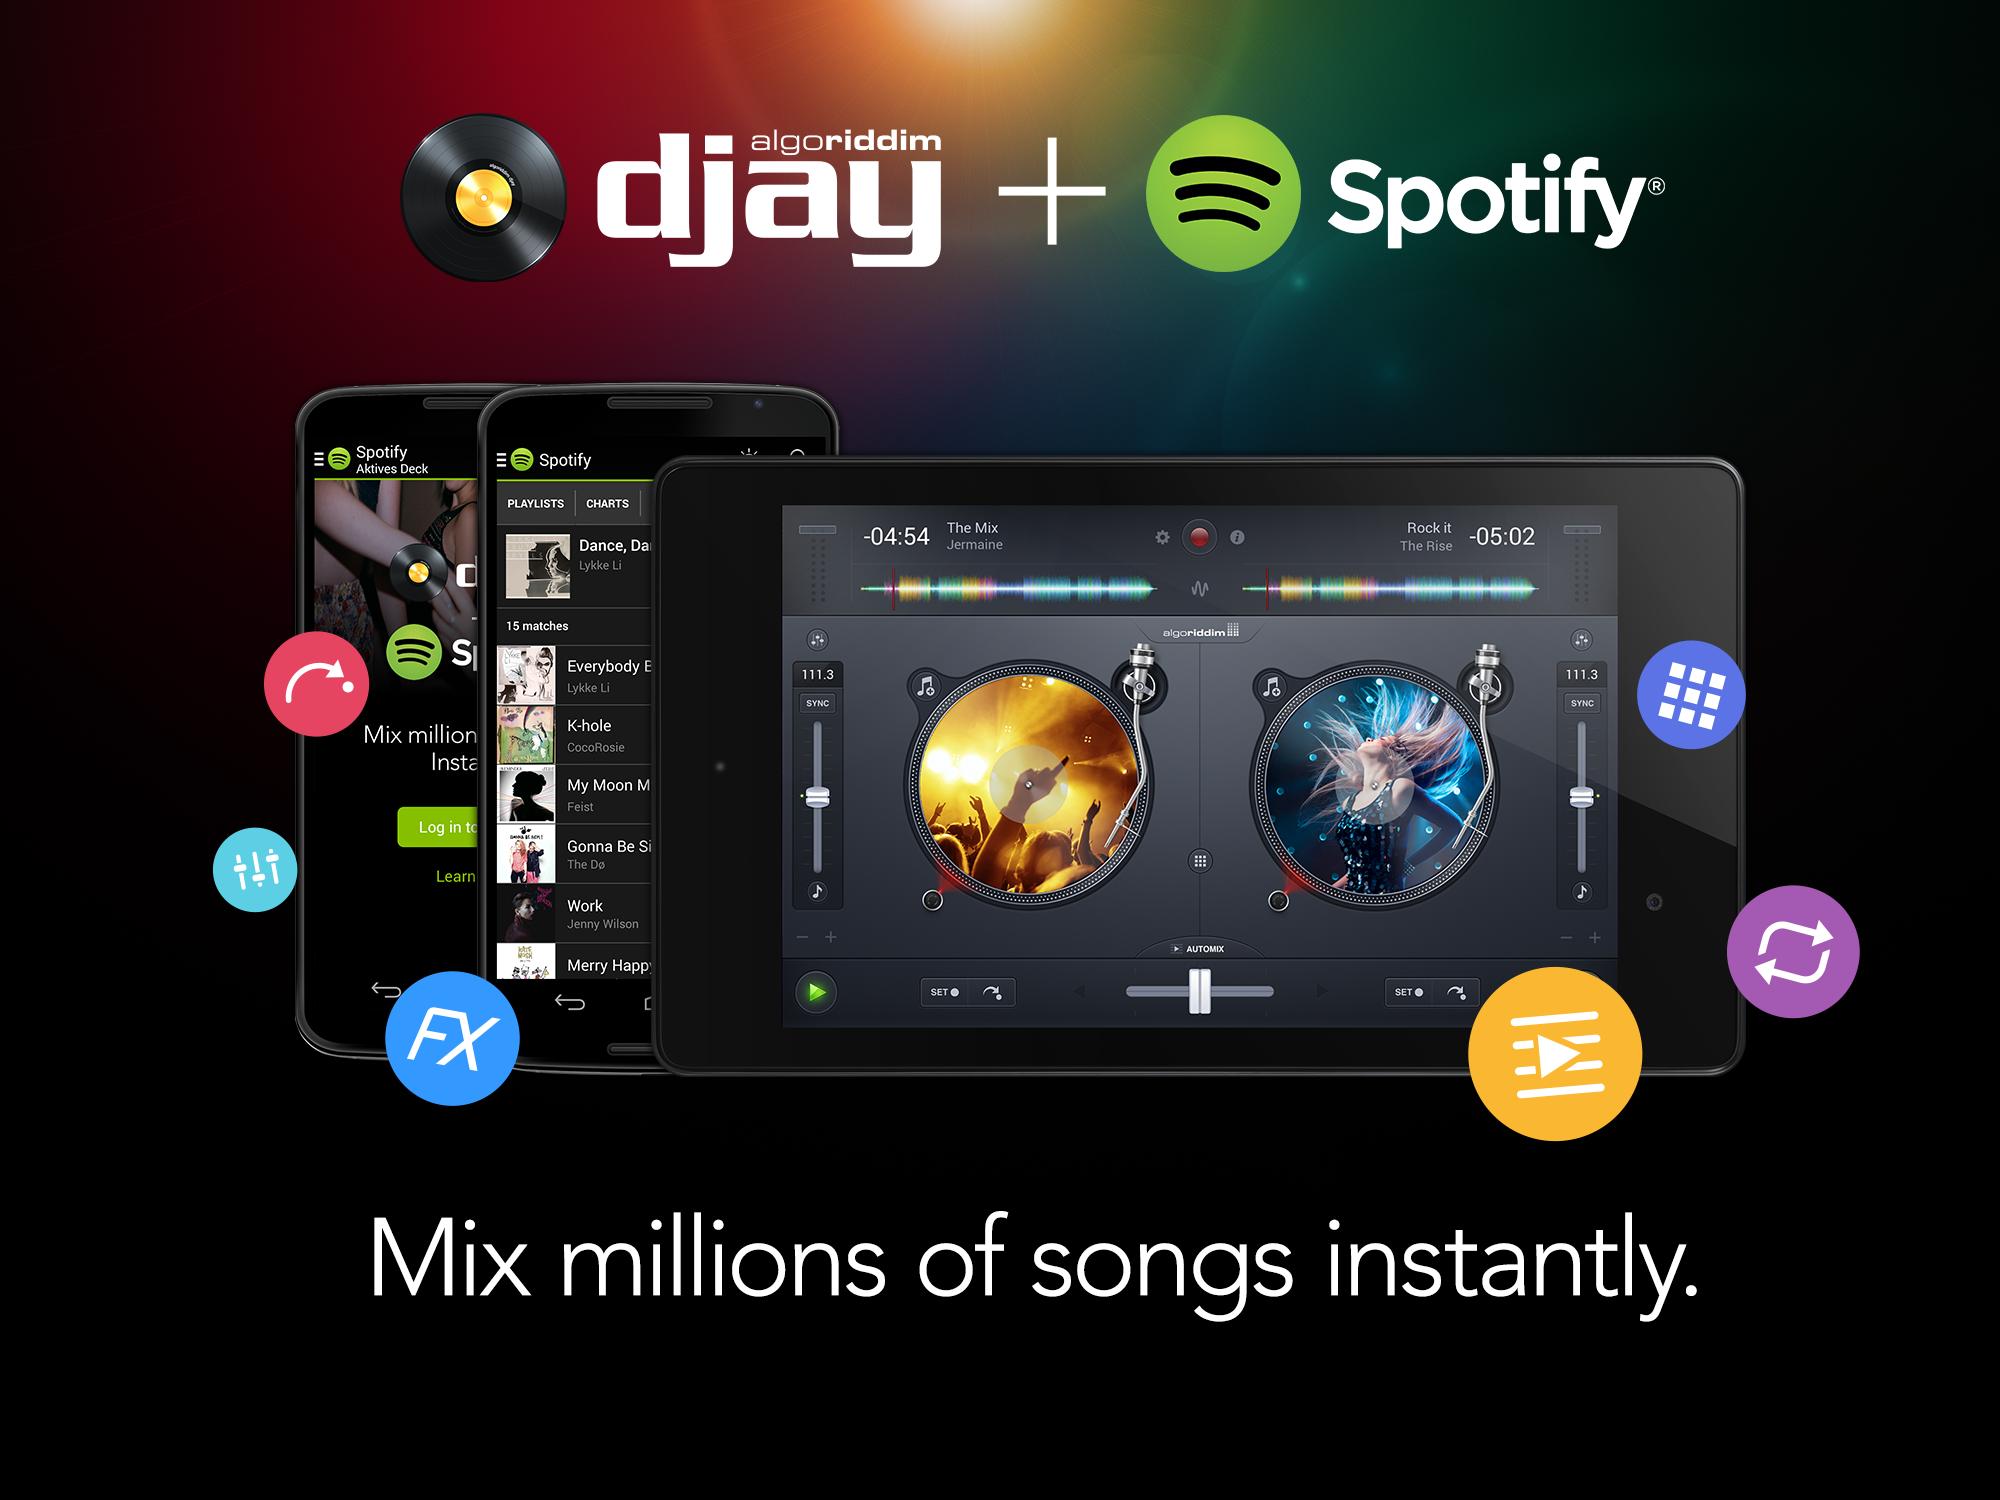 djay + Spotify